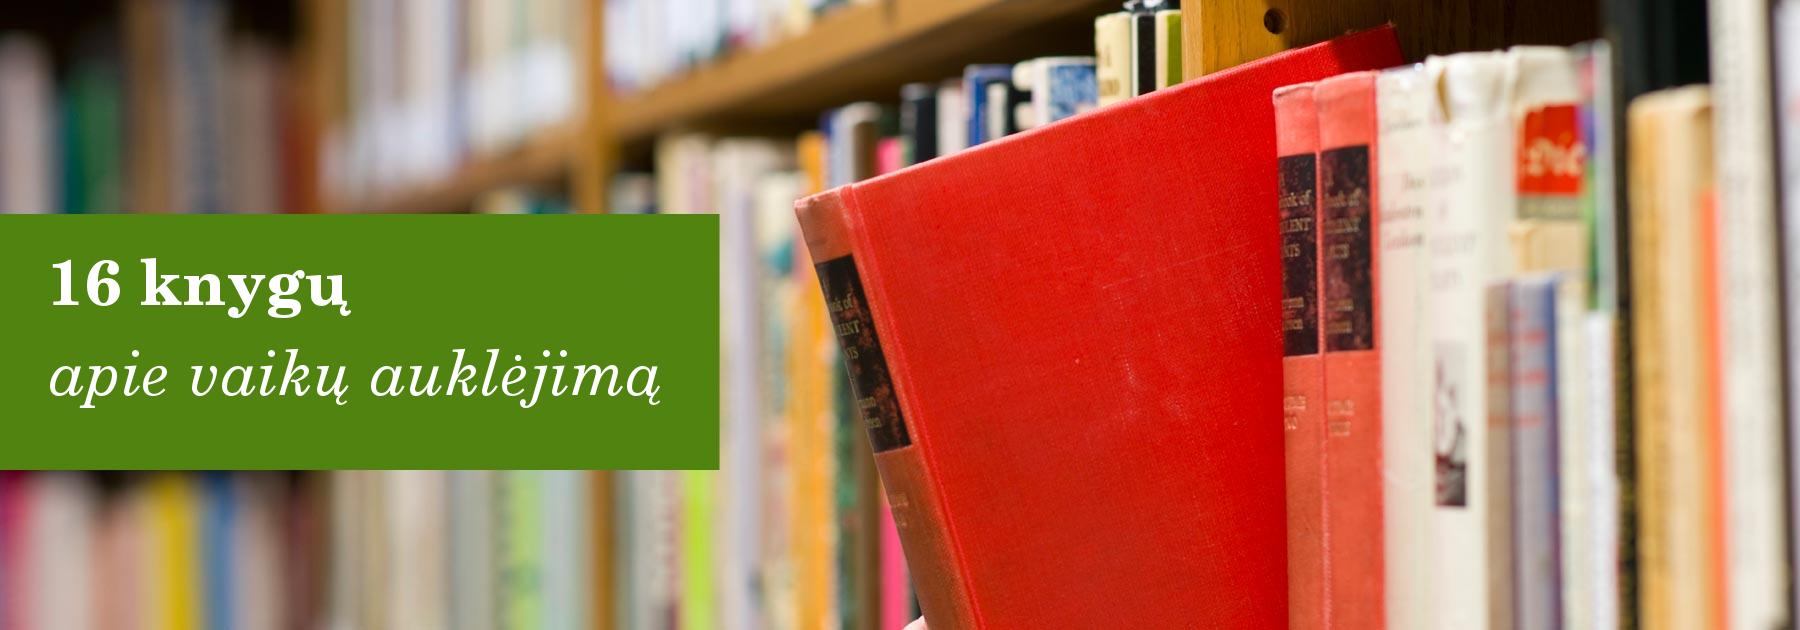 knygos-apie-vaiku-auklejima